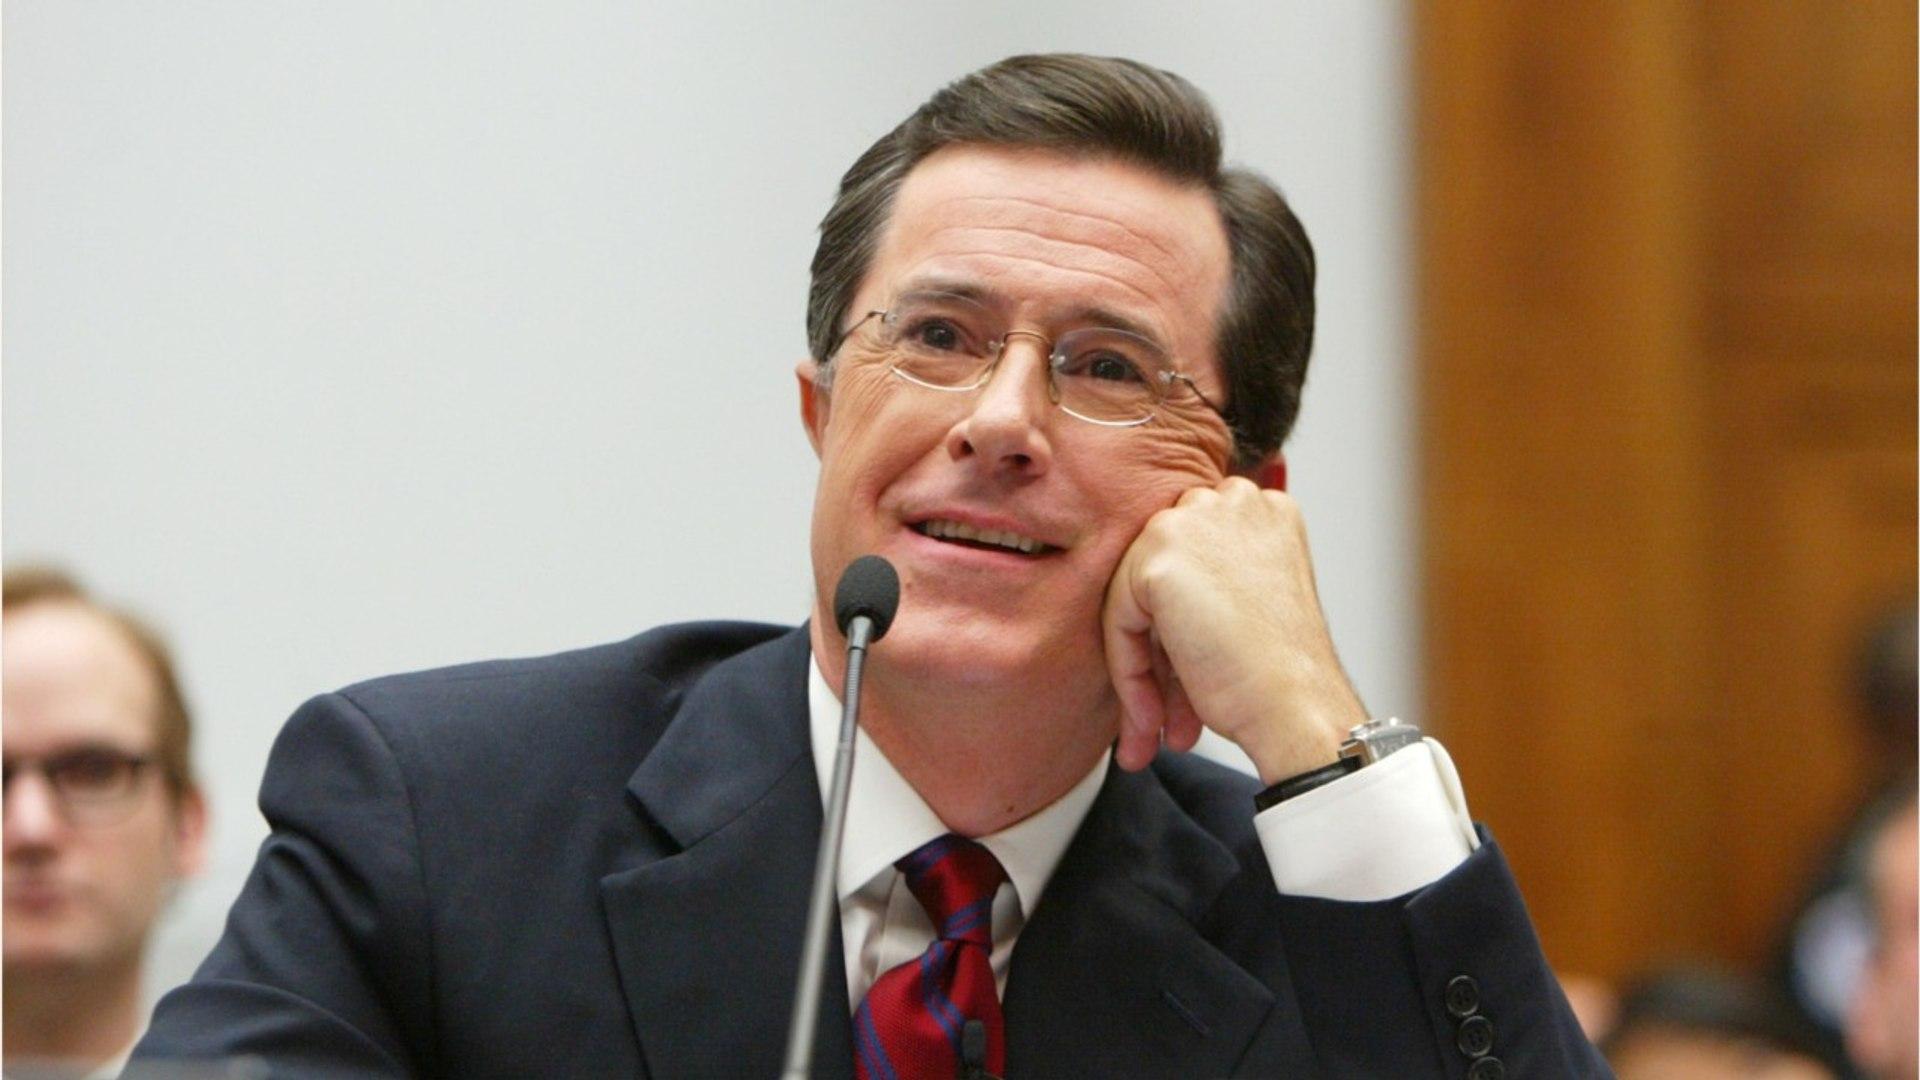 Stephen Colbert Is Bringing Together A Killer Group Of Comedians